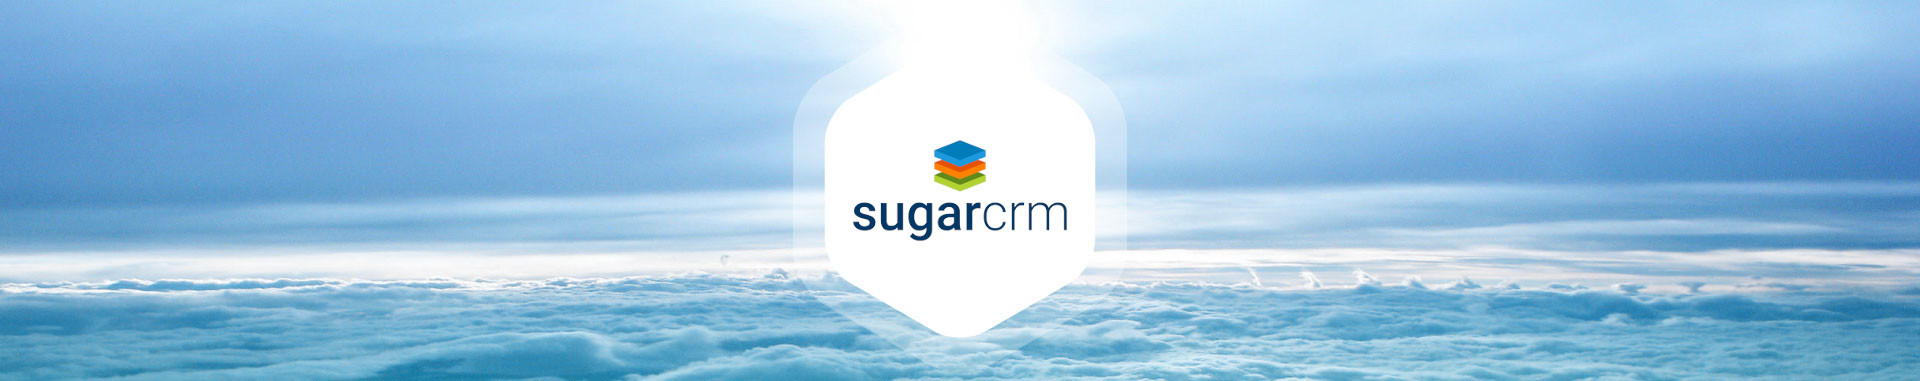 SugarCRM et IA